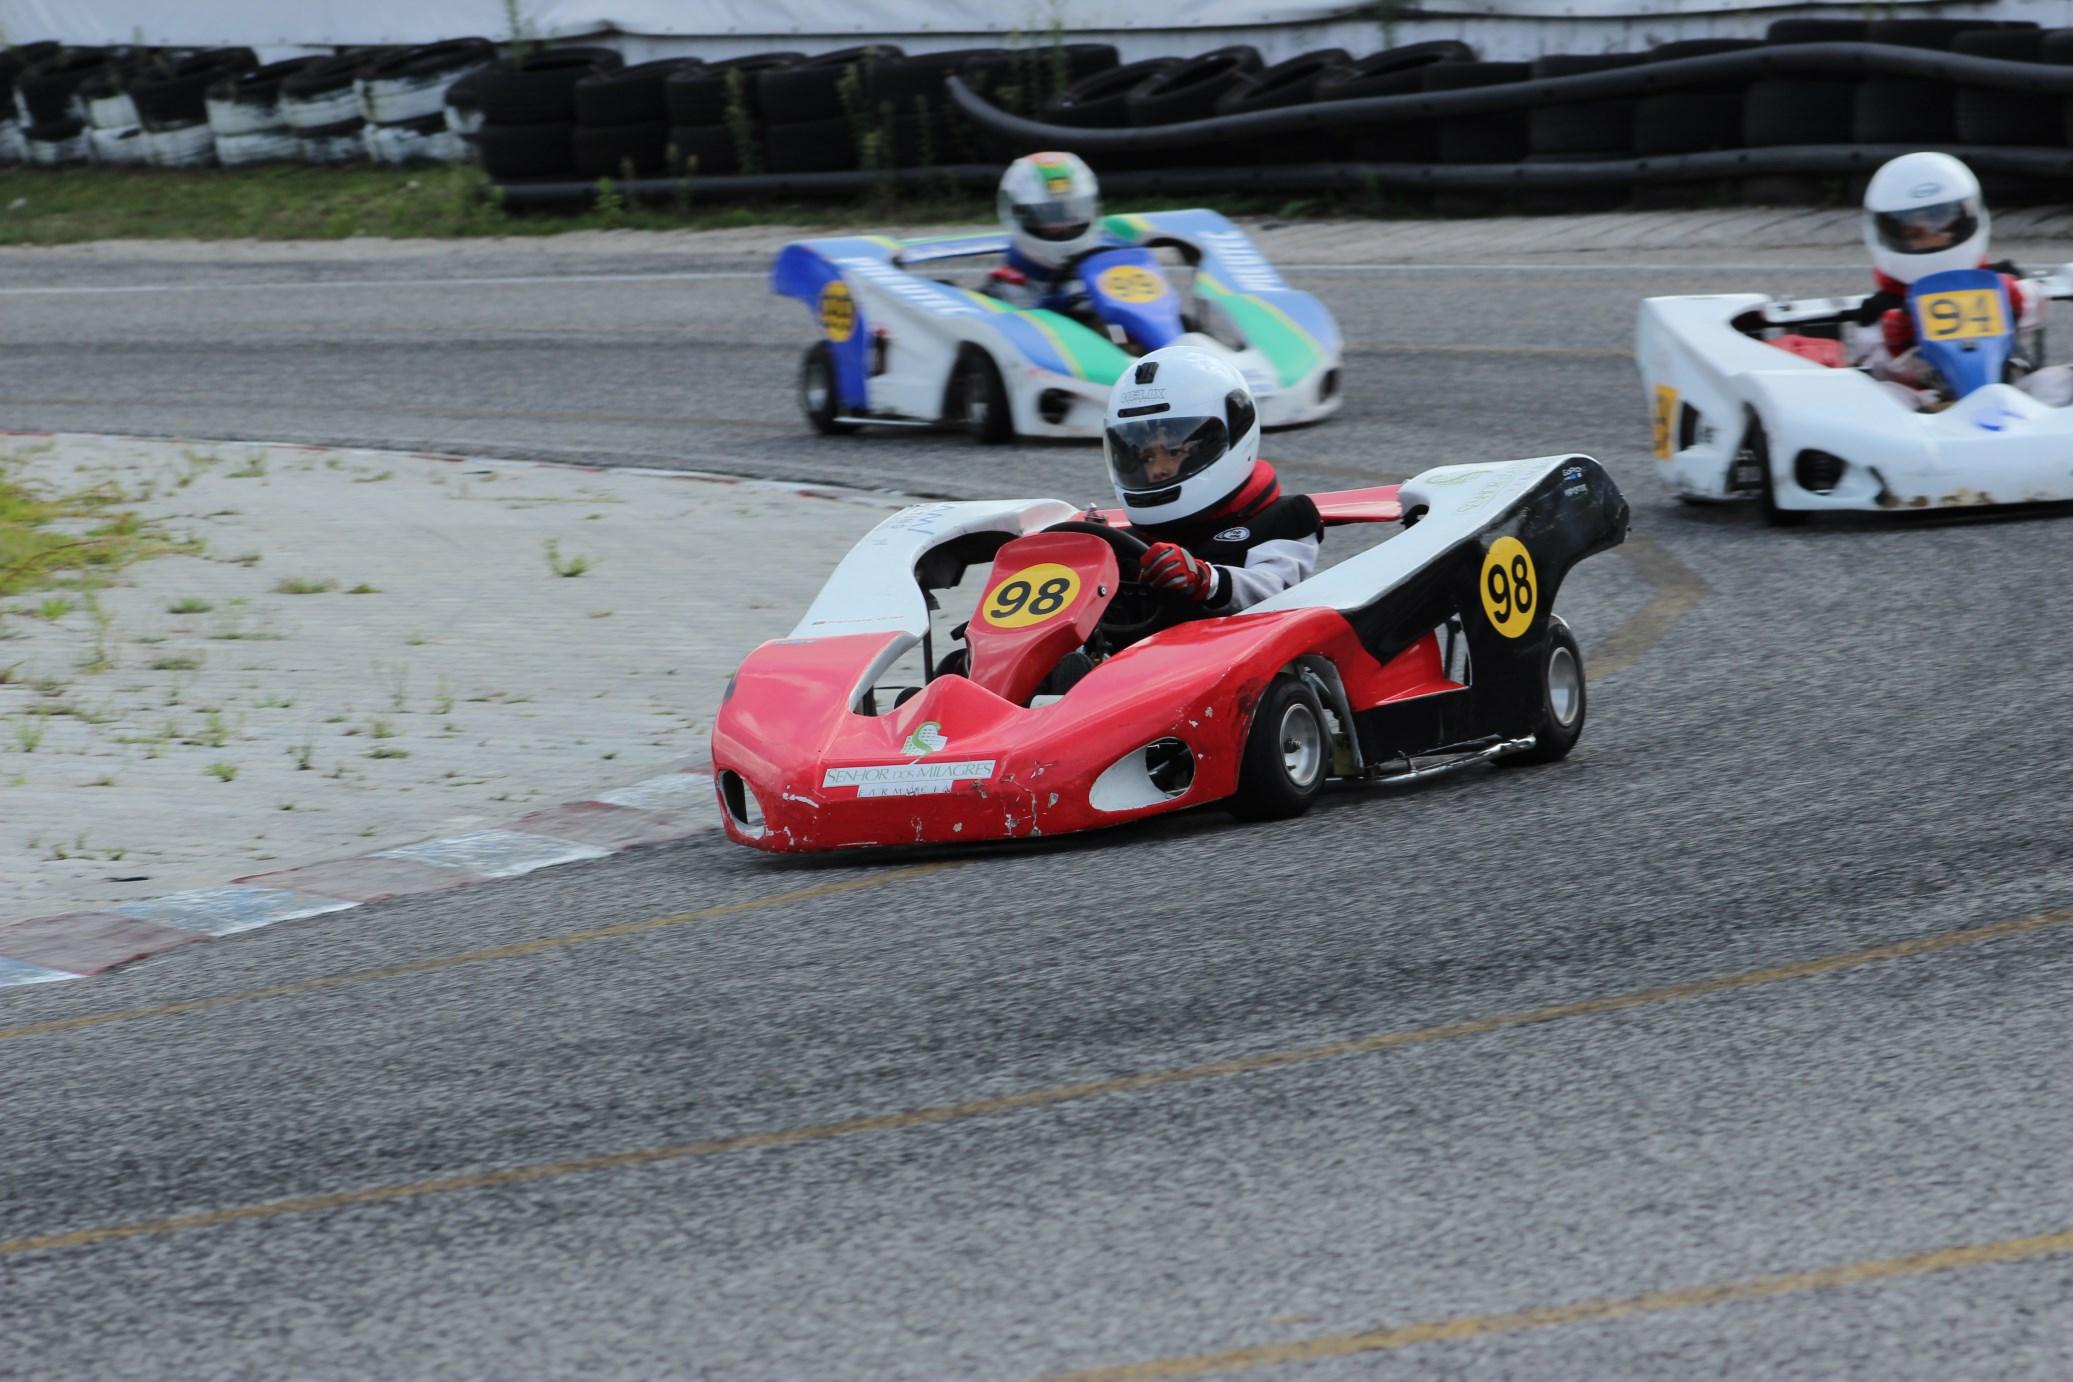 Troféu Honda 2014 - 3ª Prova187